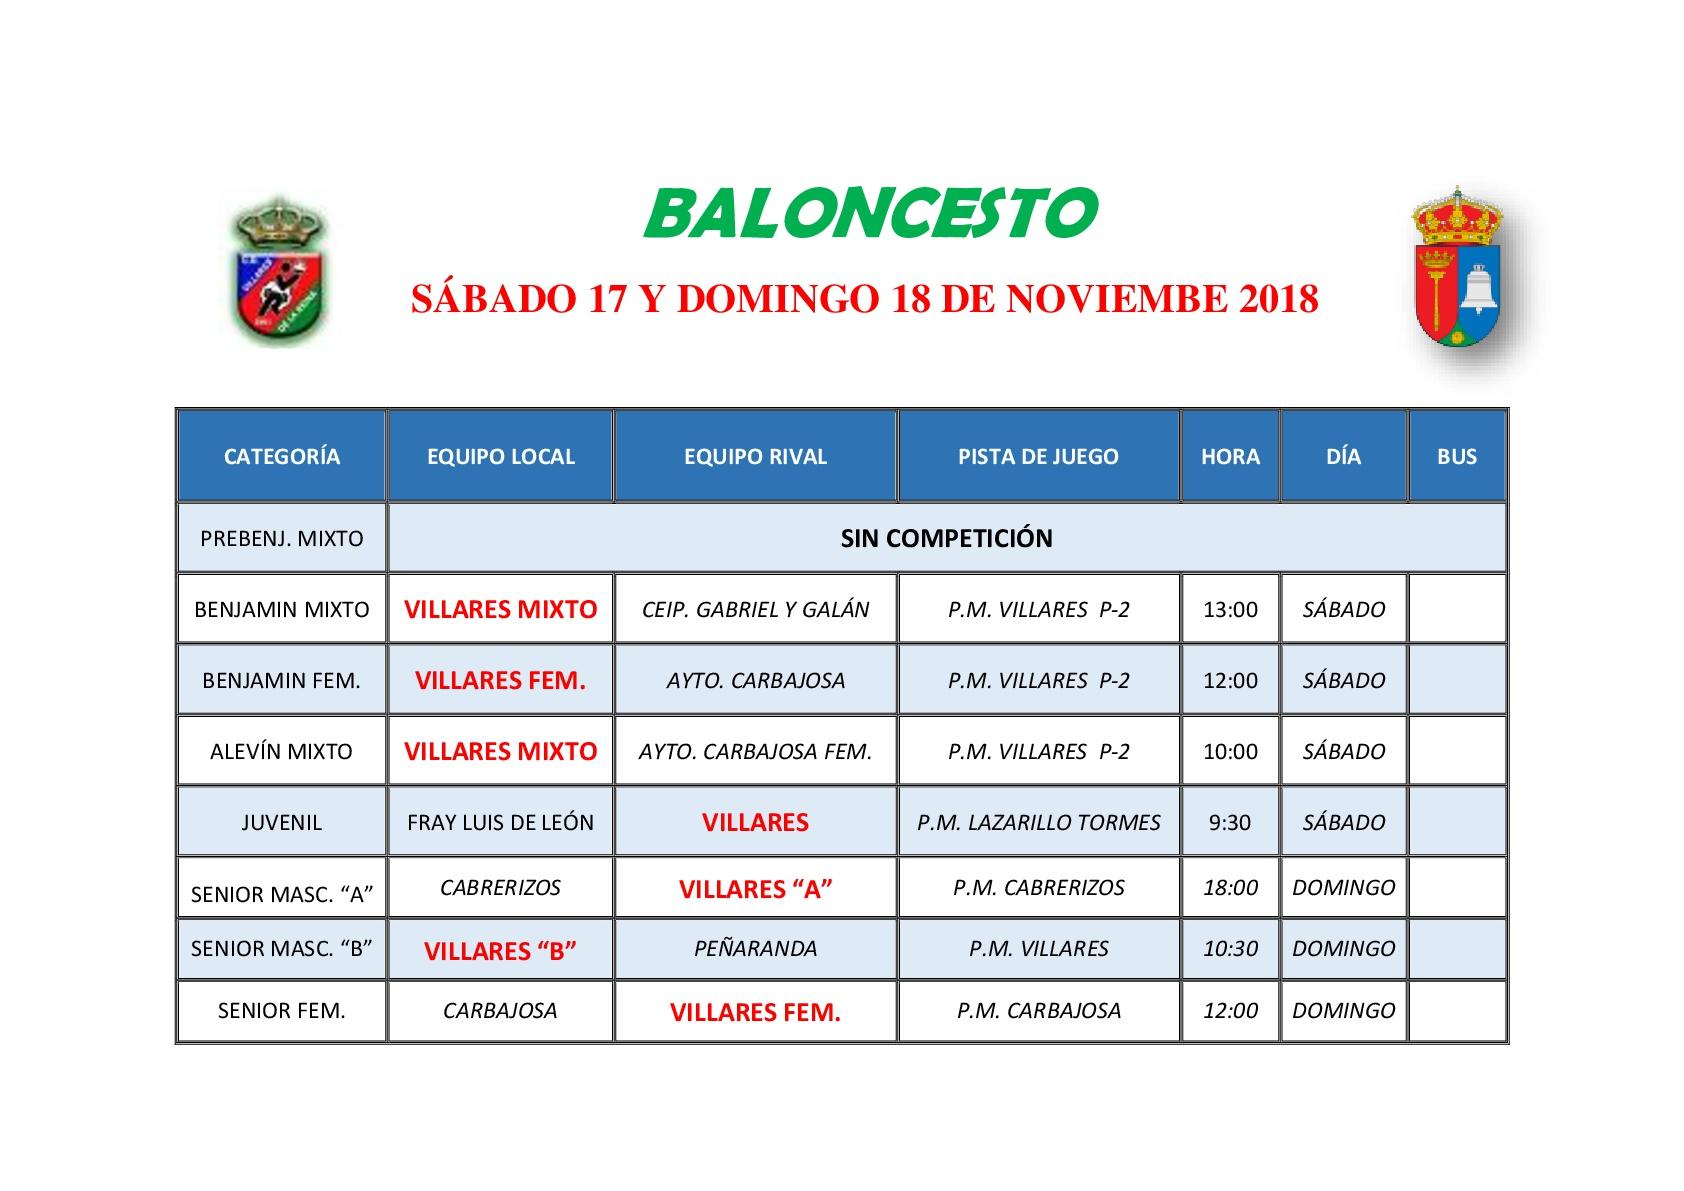 HORARIOS BALONCESTO S�BADO 17 Y DOMINGO 18 DE NOVIEMBRE